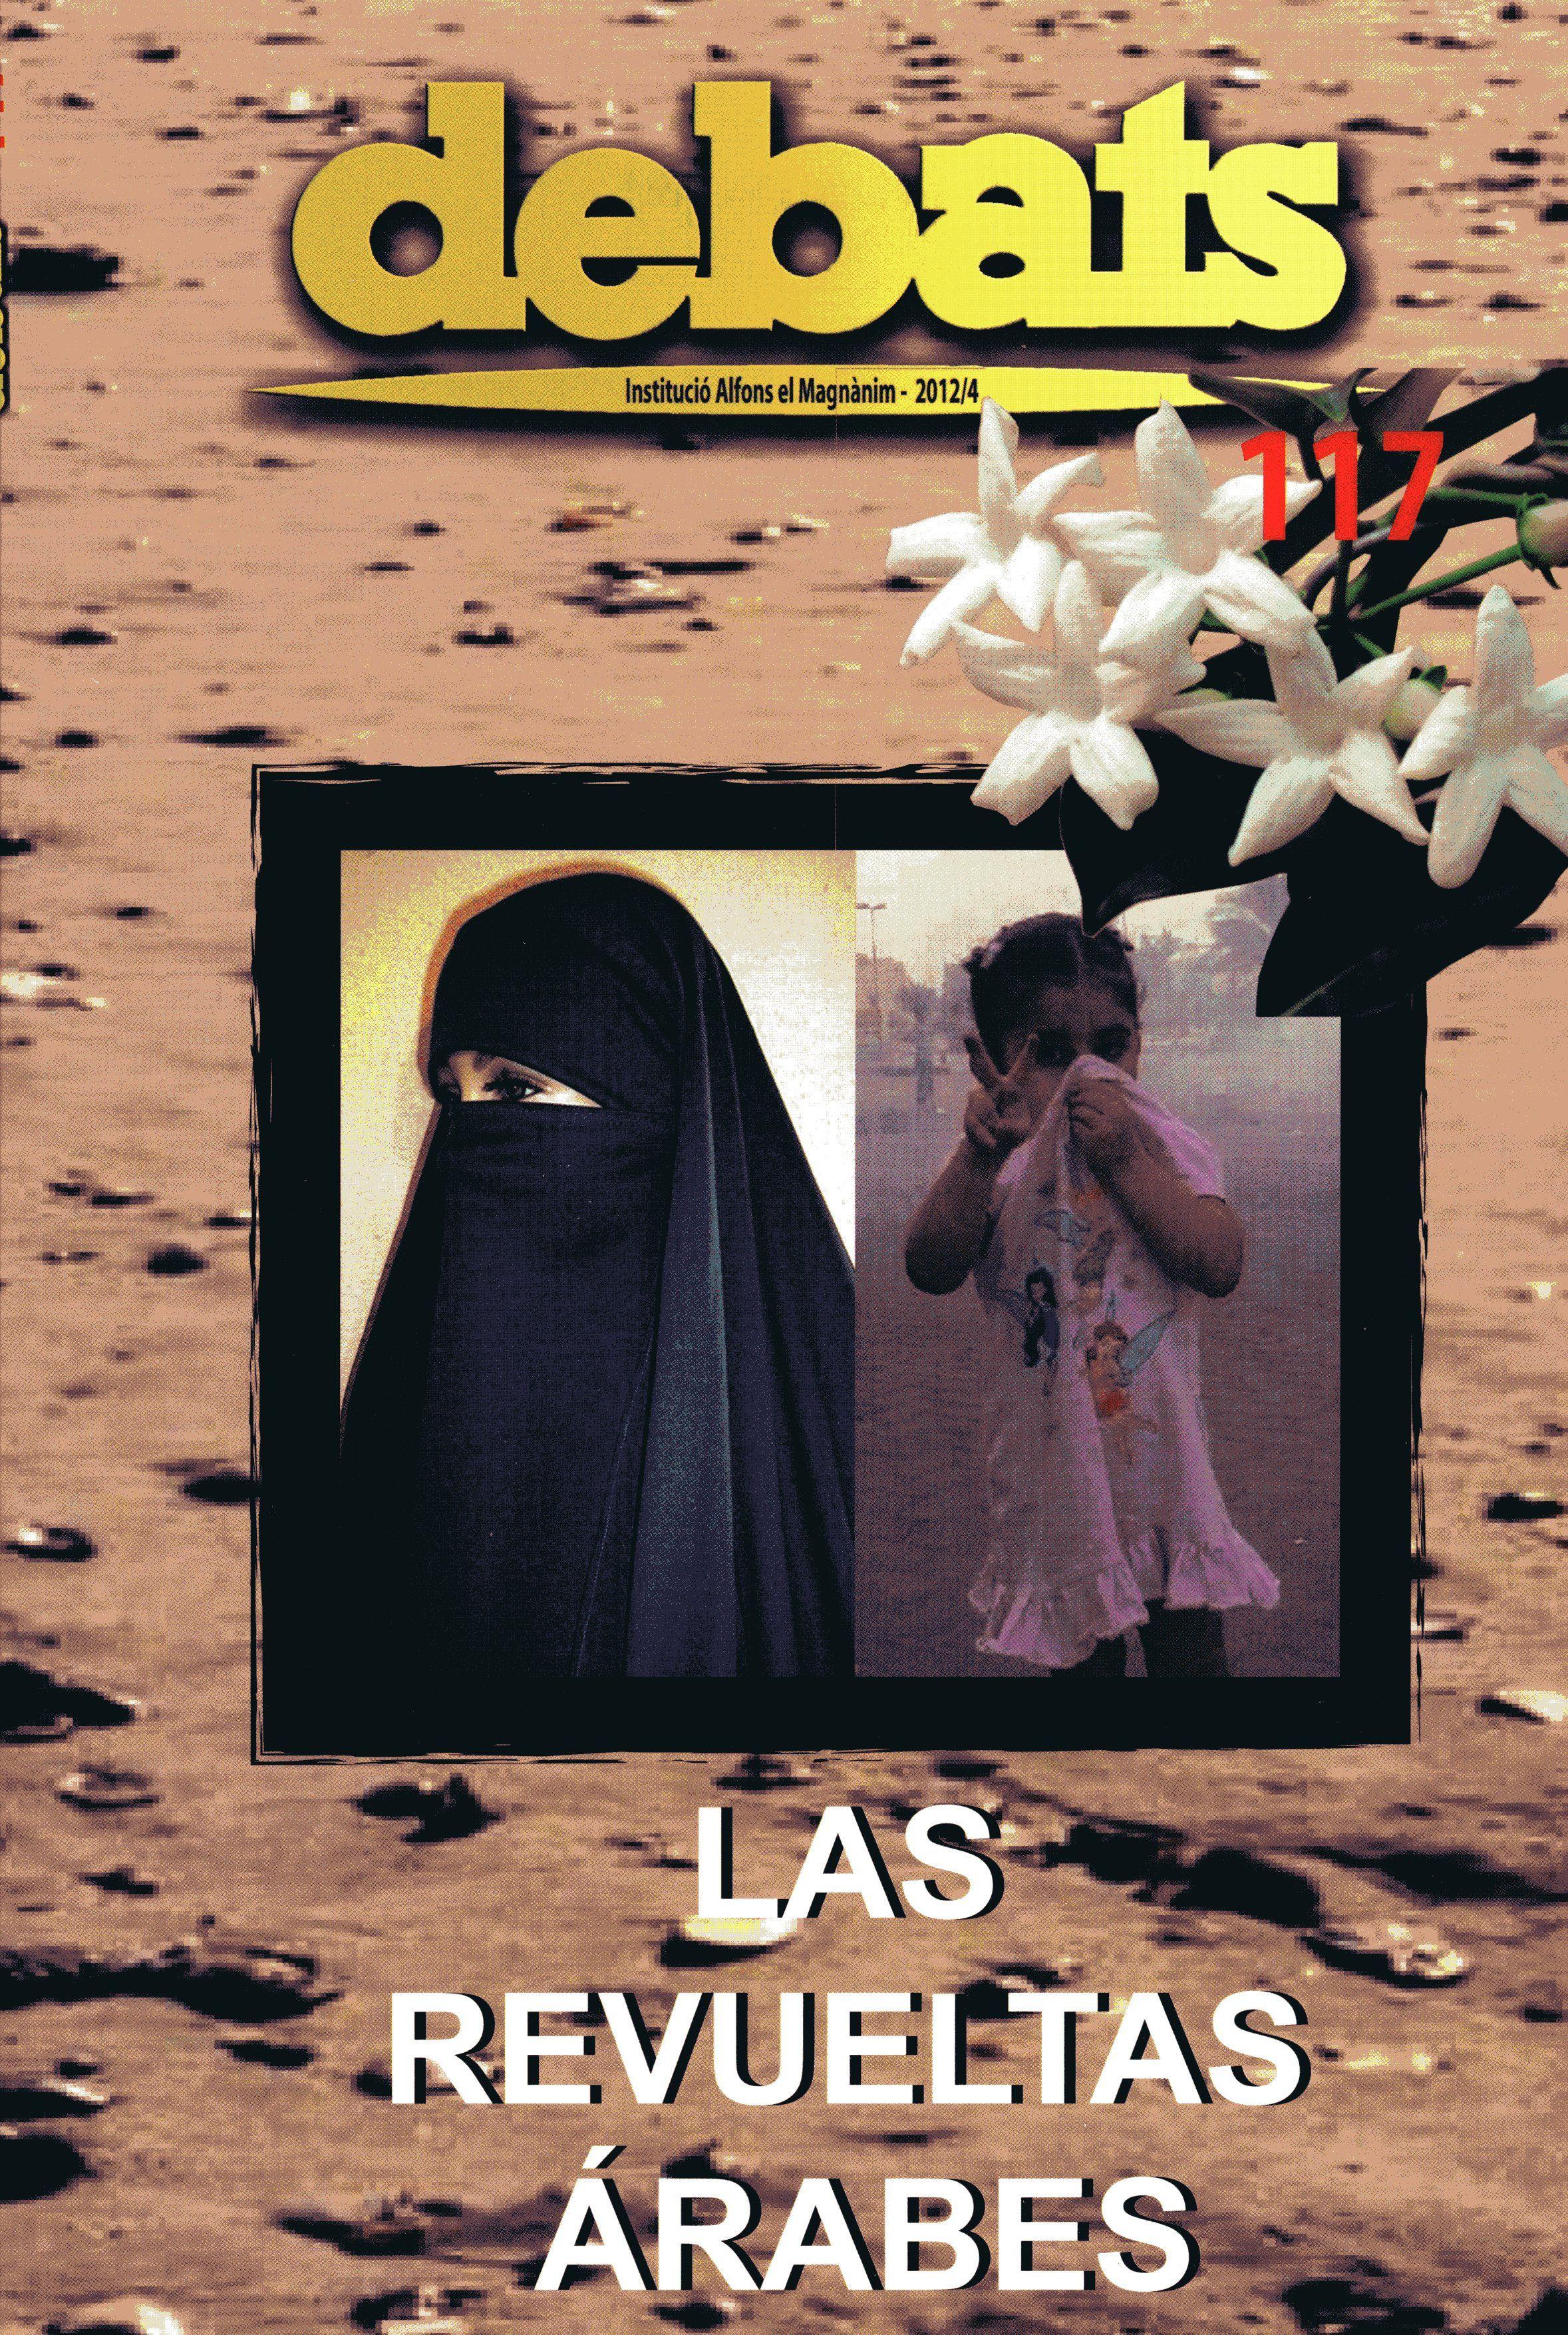 'Debats' nº 117 (2012) Las revueltas árabes